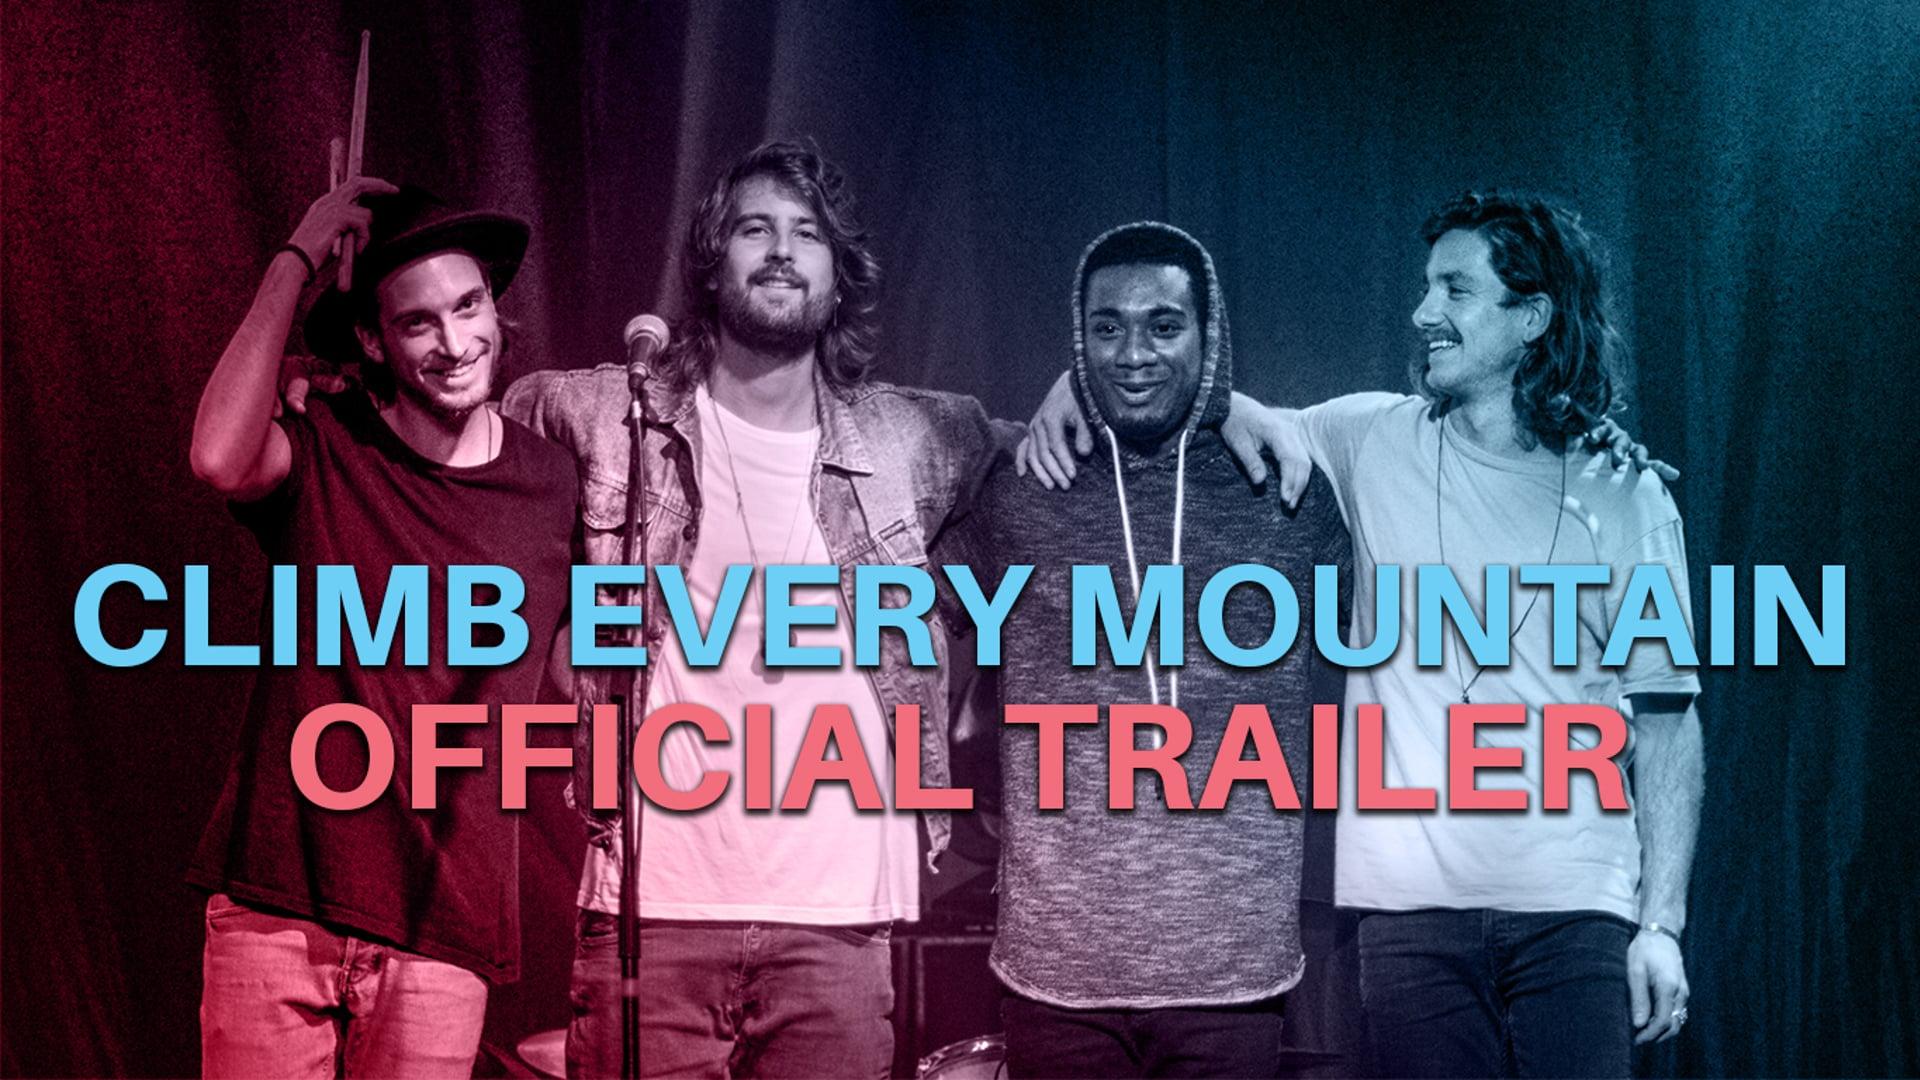 Climb Every Mountain - Official Trailer (2017)